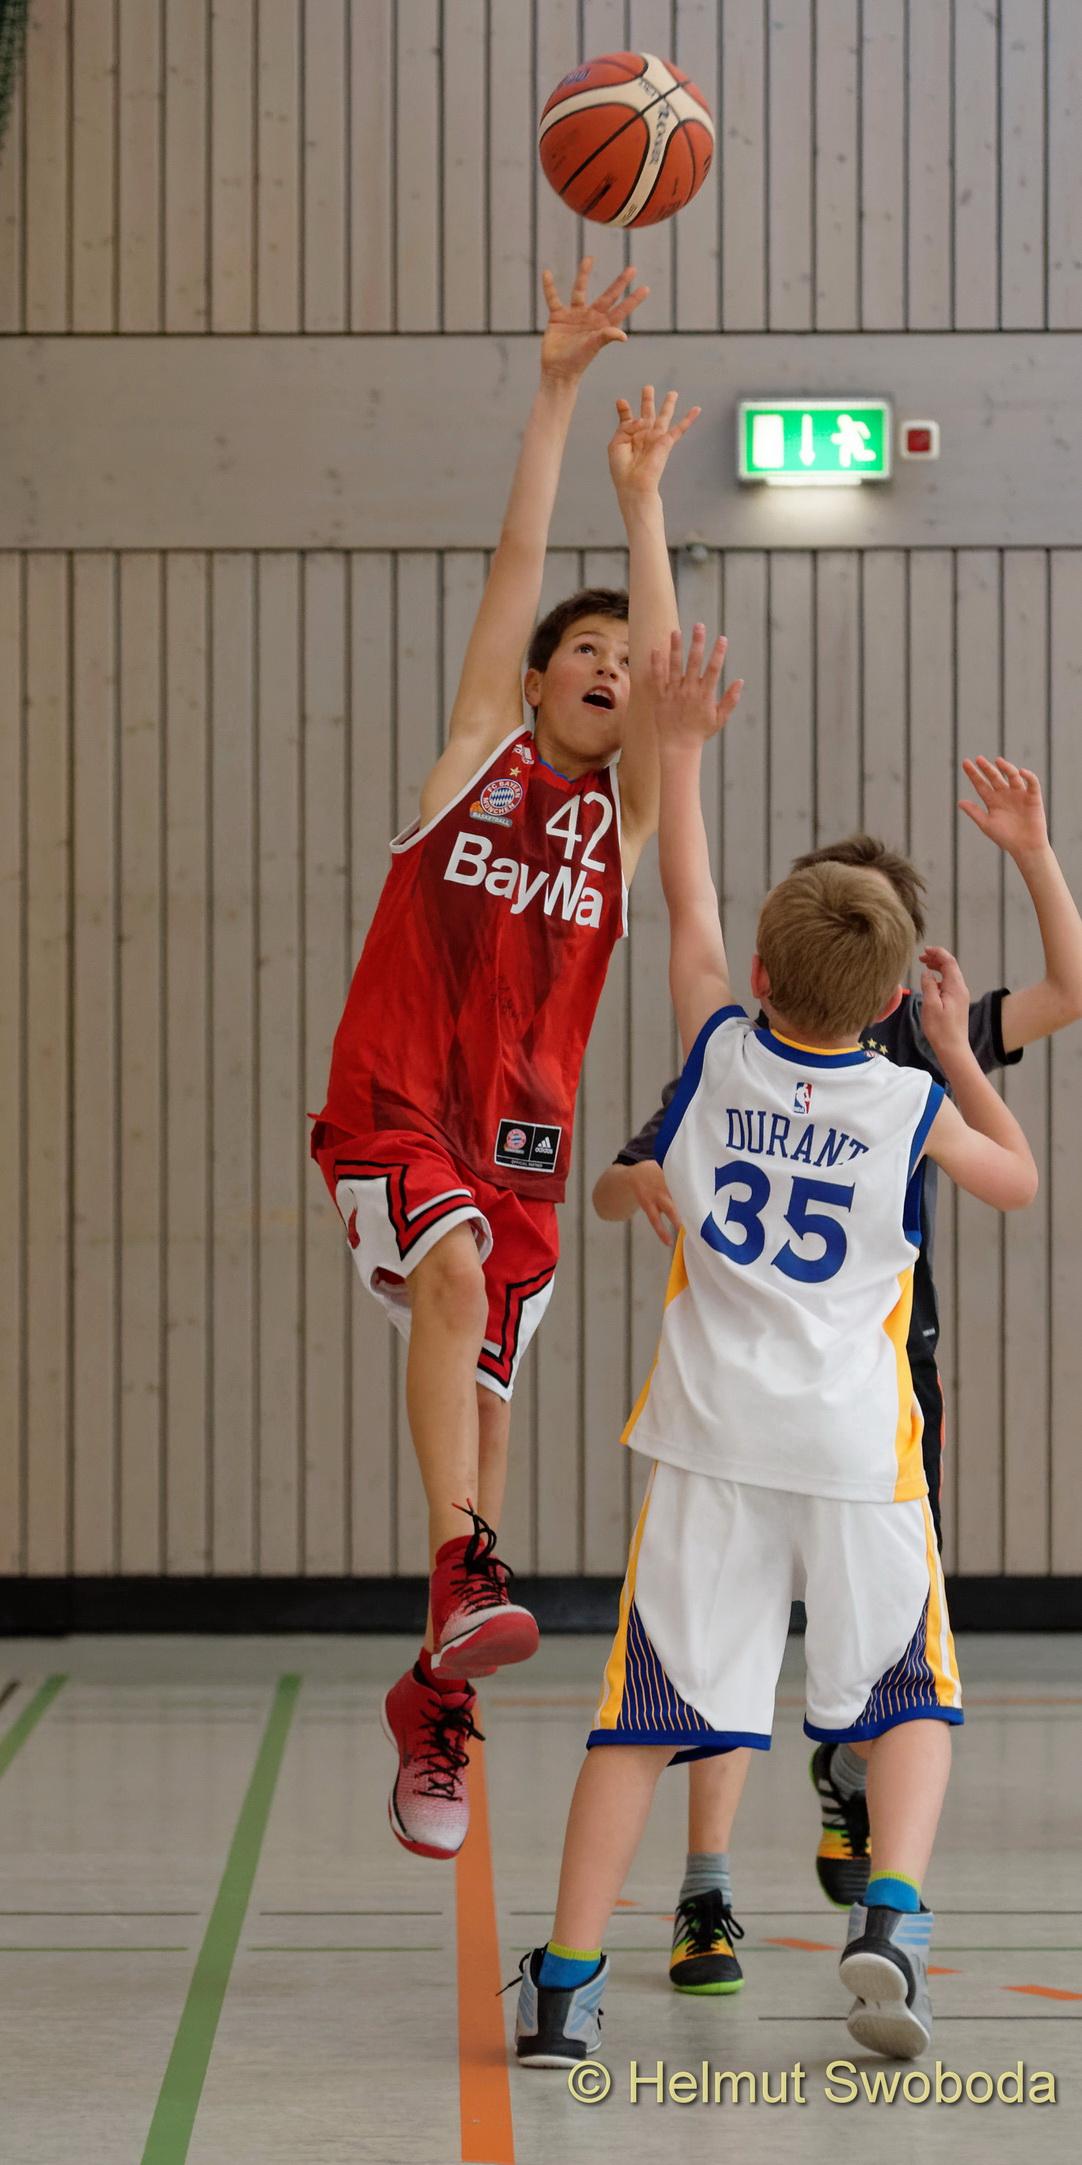 d170402-164403000-100-basketball_weilheim-mixed-turnier_33657281352_o